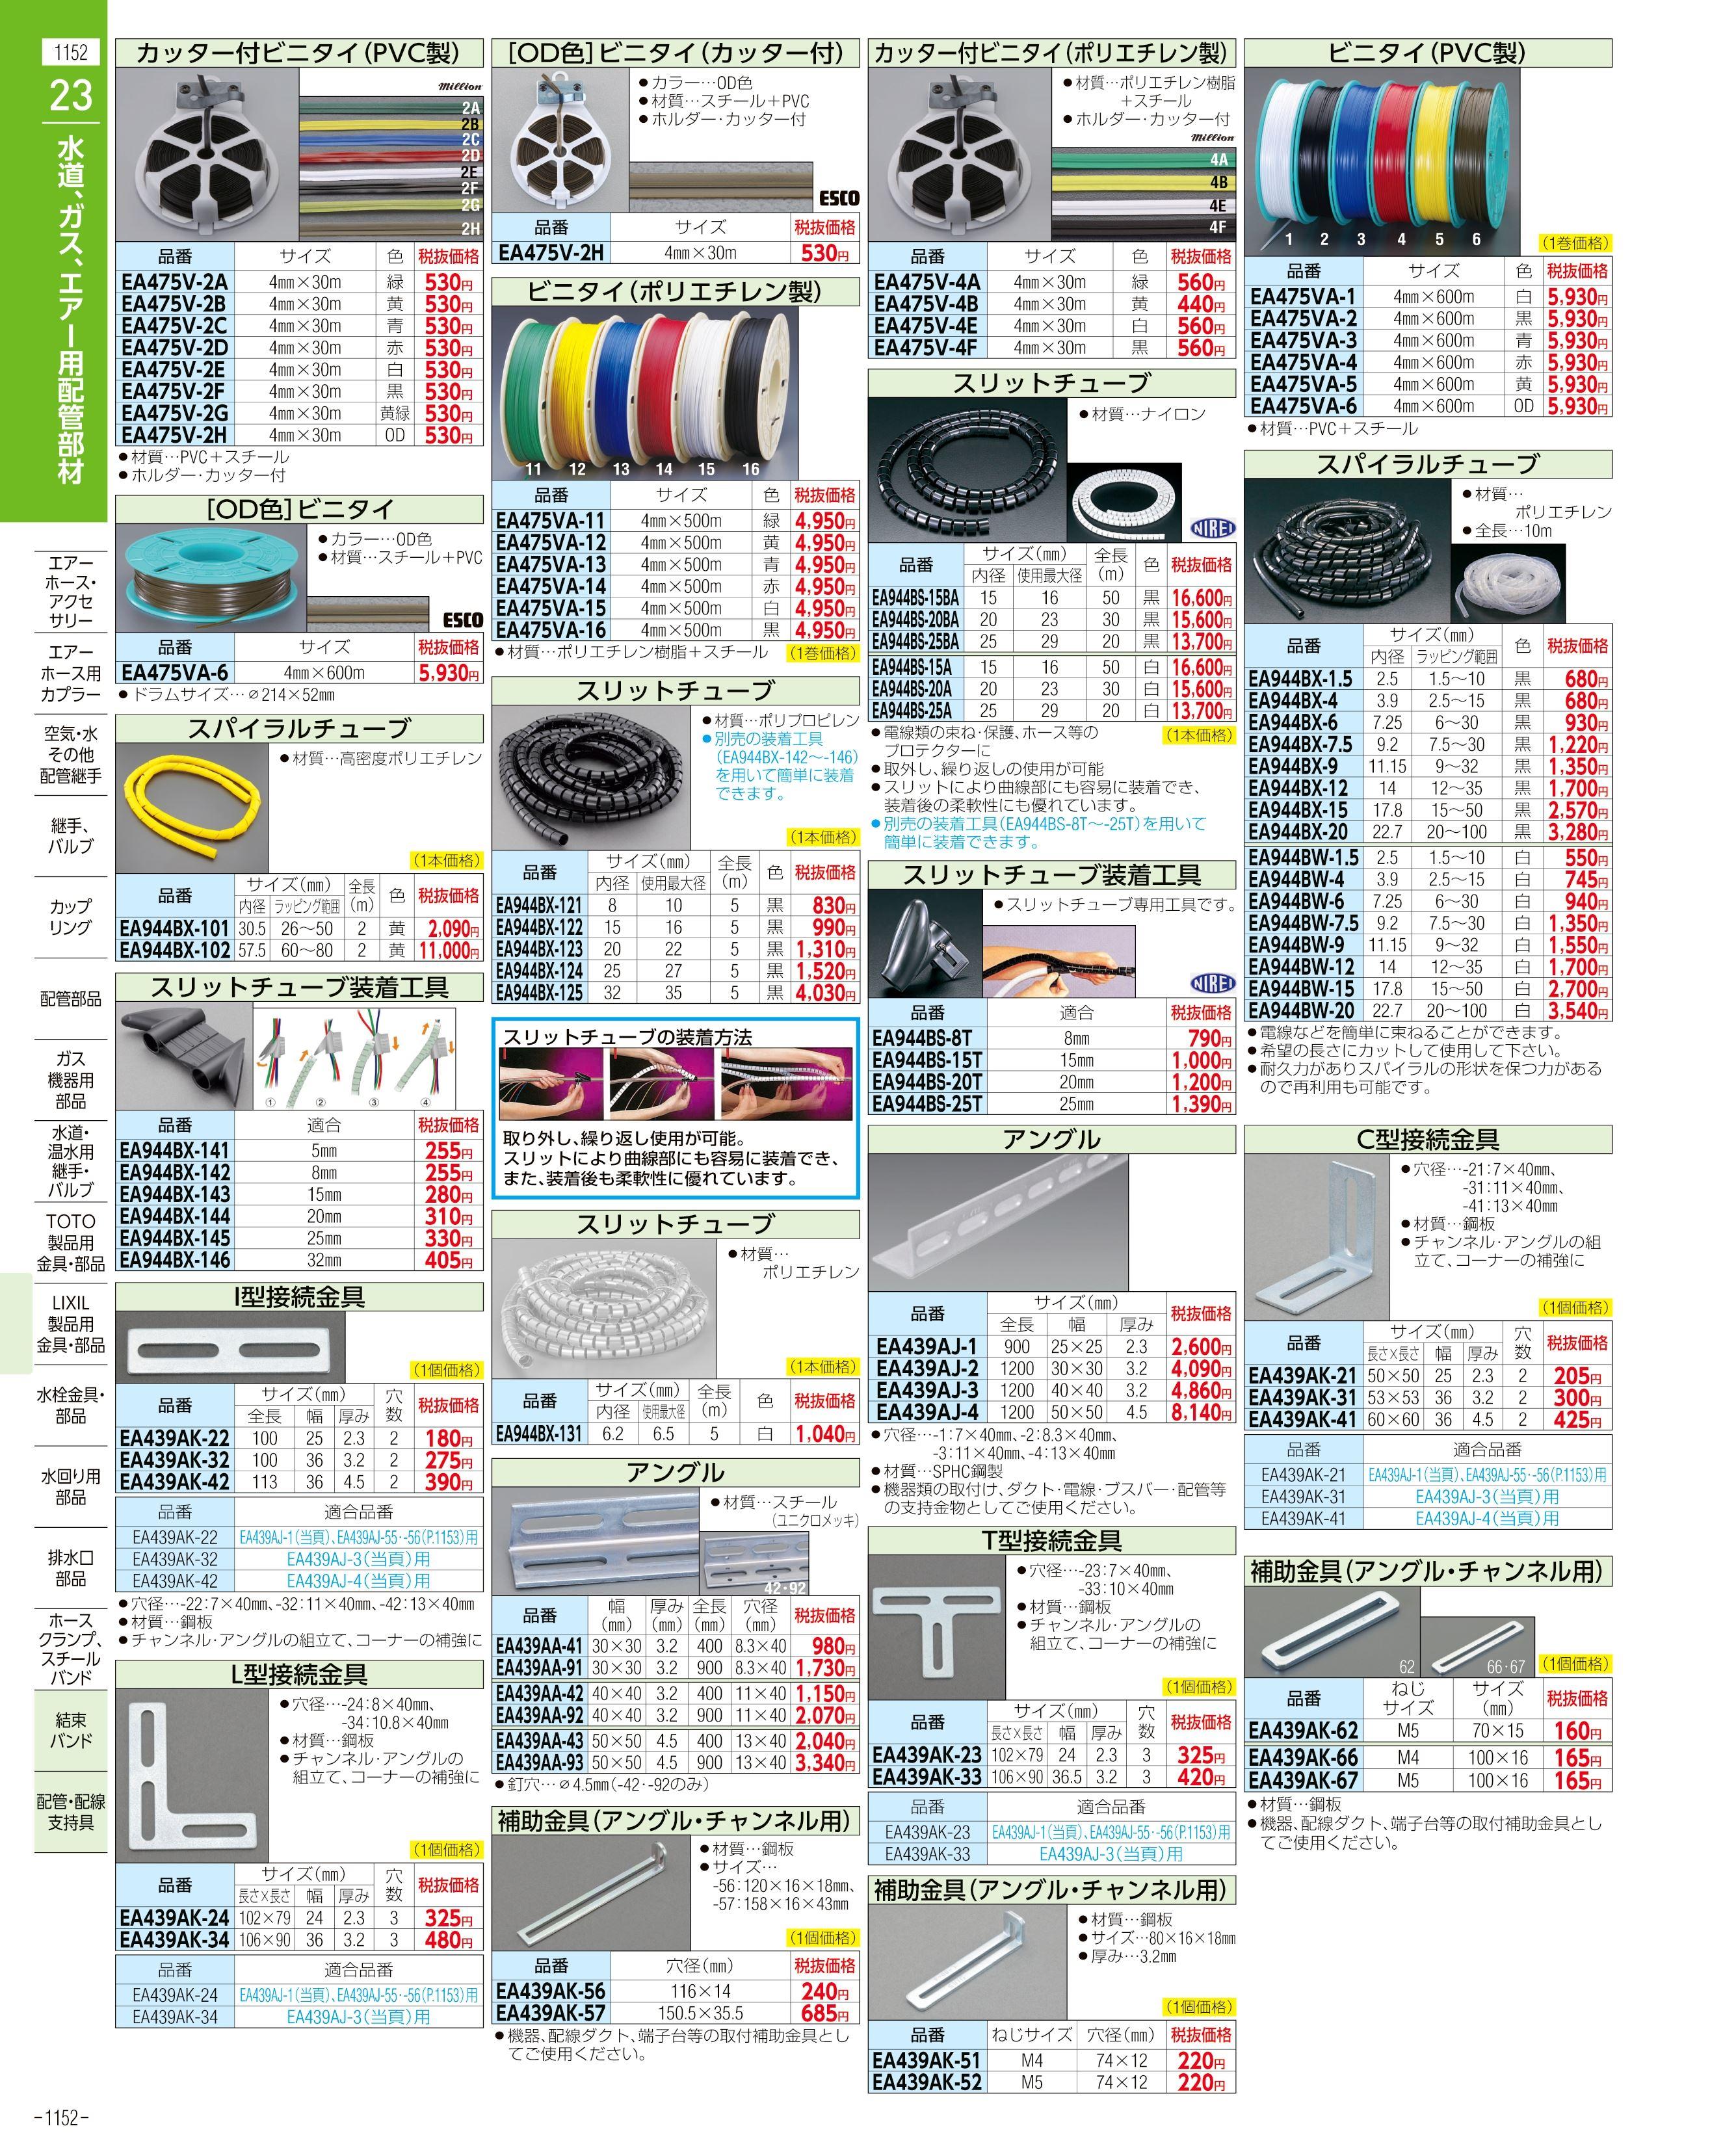 エスコ便利カタログ1152ページ